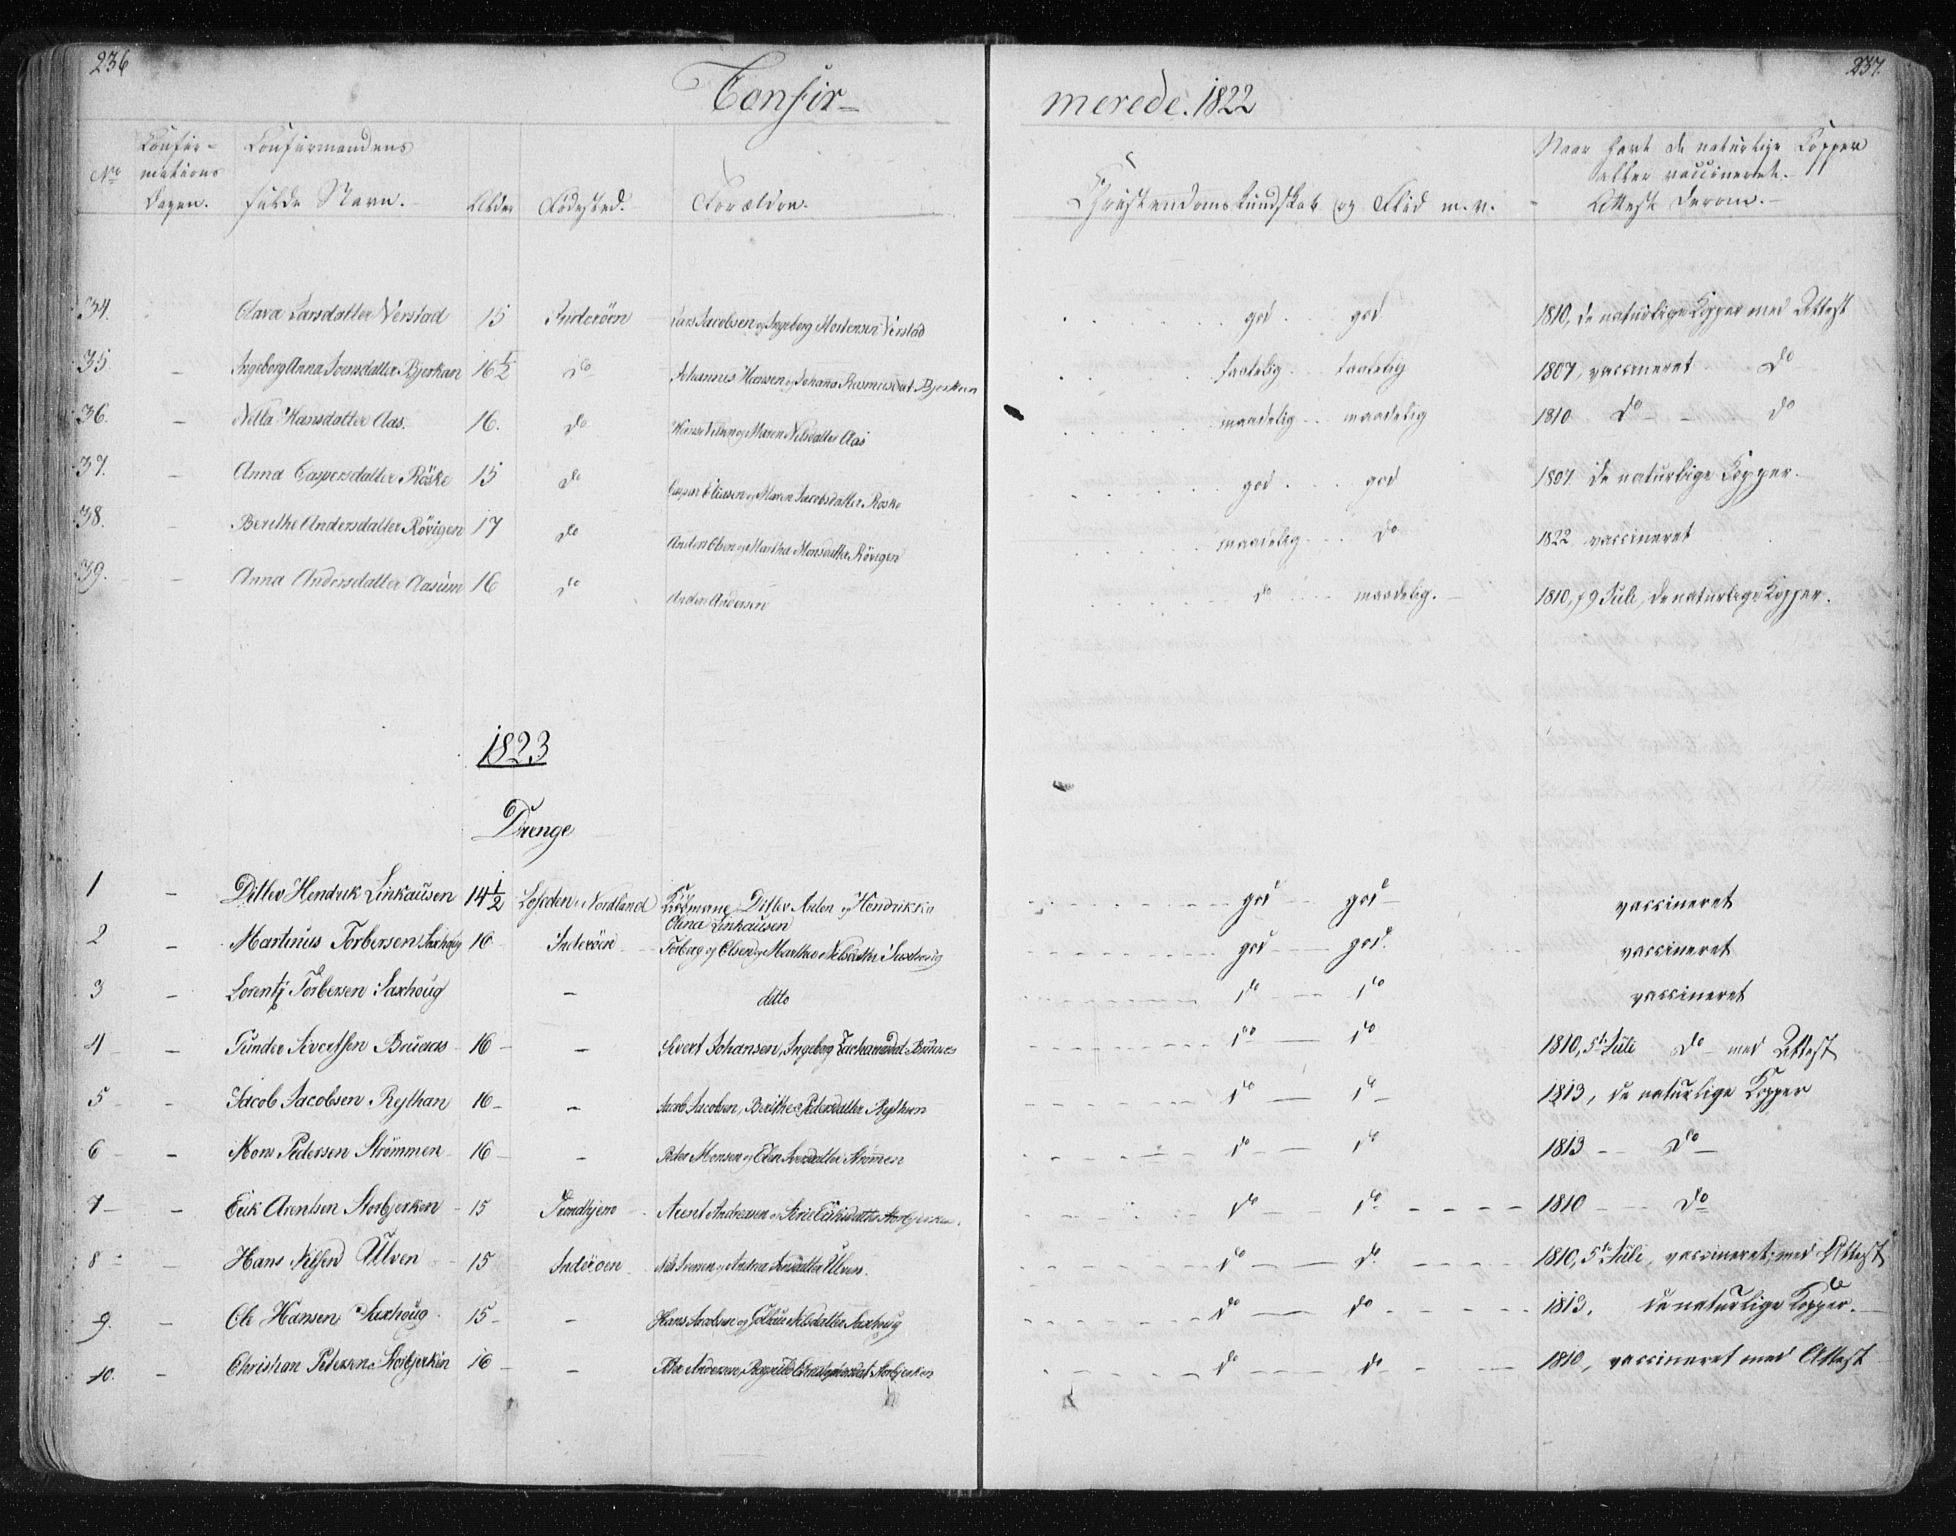 SAT, Ministerialprotokoller, klokkerbøker og fødselsregistre - Nord-Trøndelag, 730/L0276: Ministerialbok nr. 730A05, 1822-1830, s. 236-237